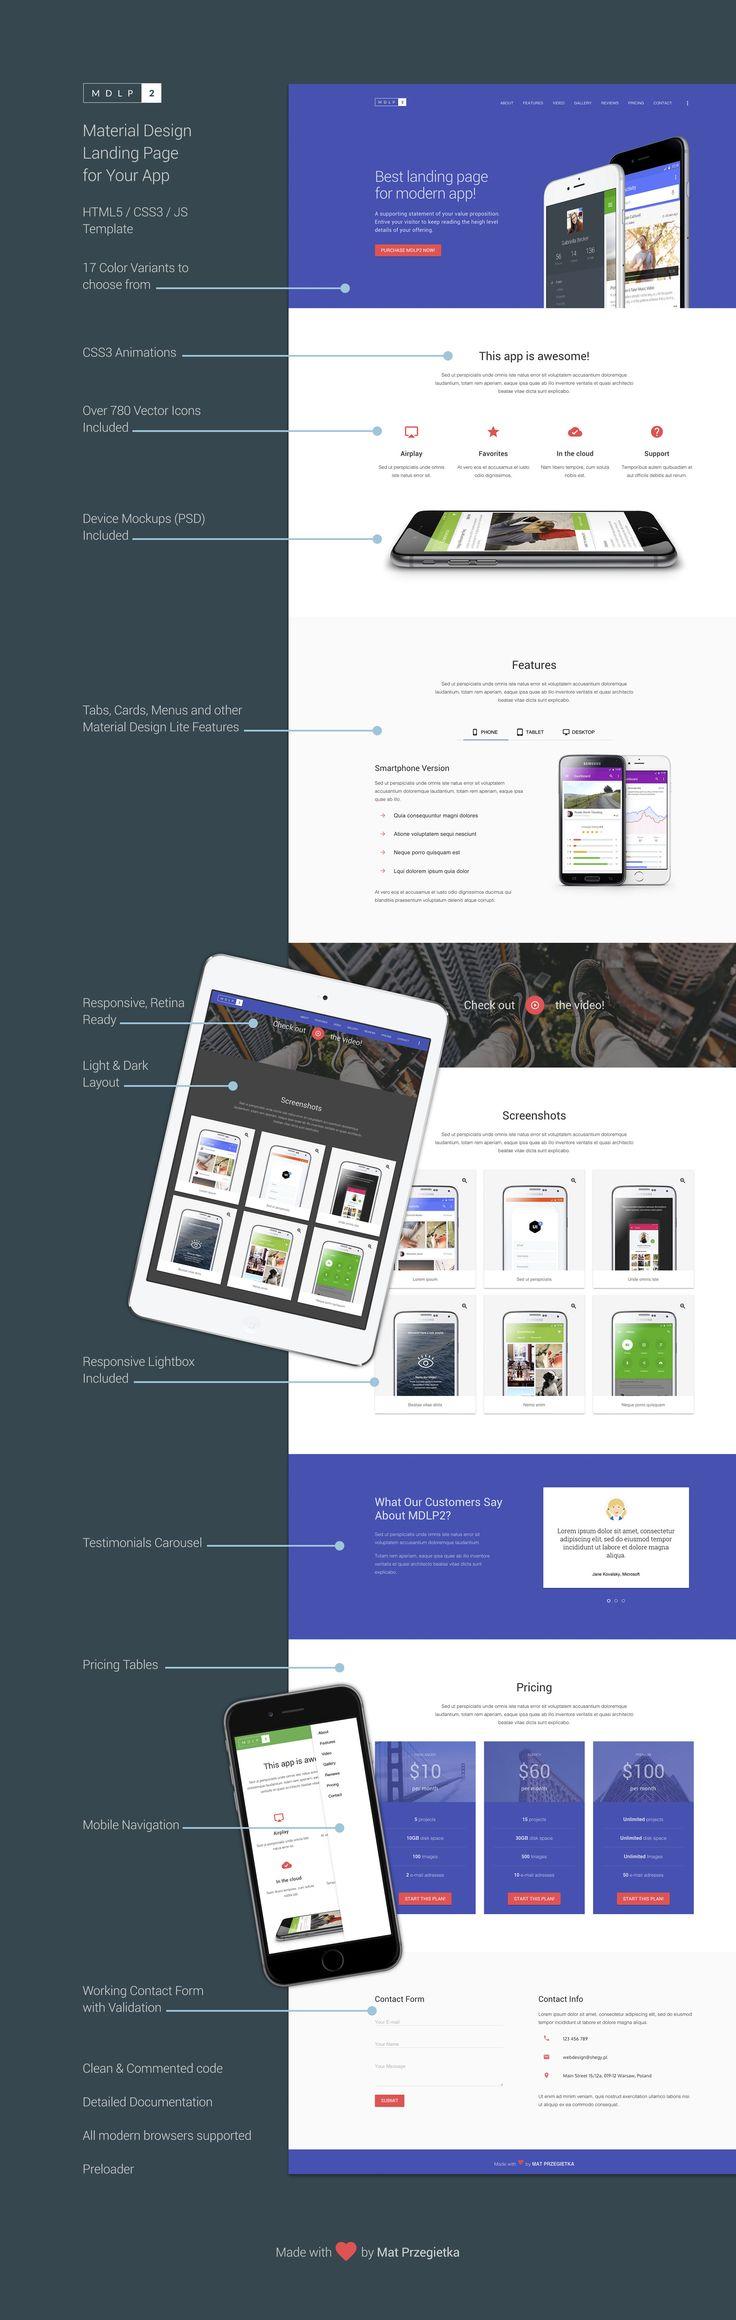 19 best web images on Pinterest | Website designs, Design web and ...